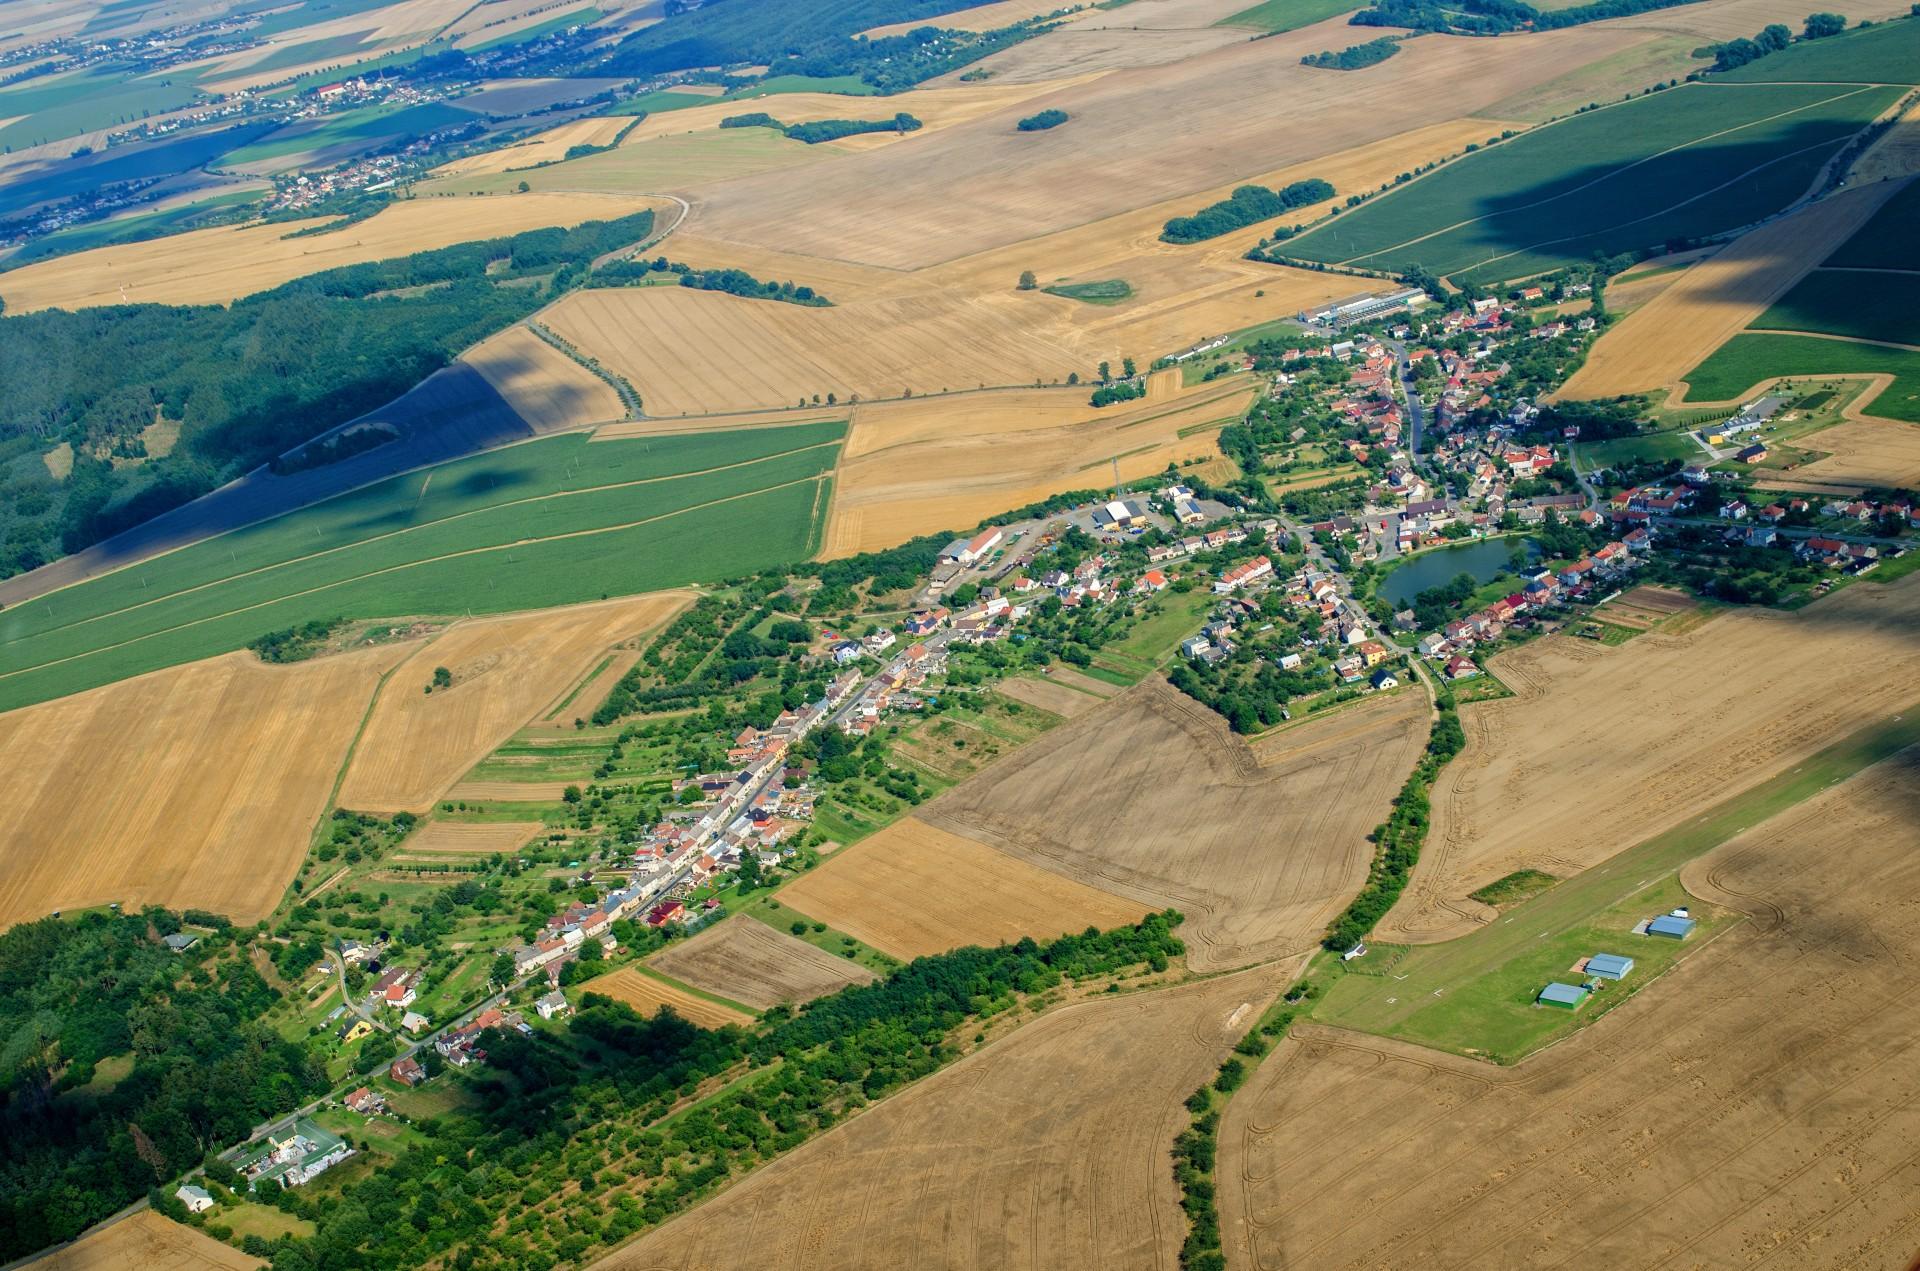 Luftbild mit Dorf und Ackerflächen